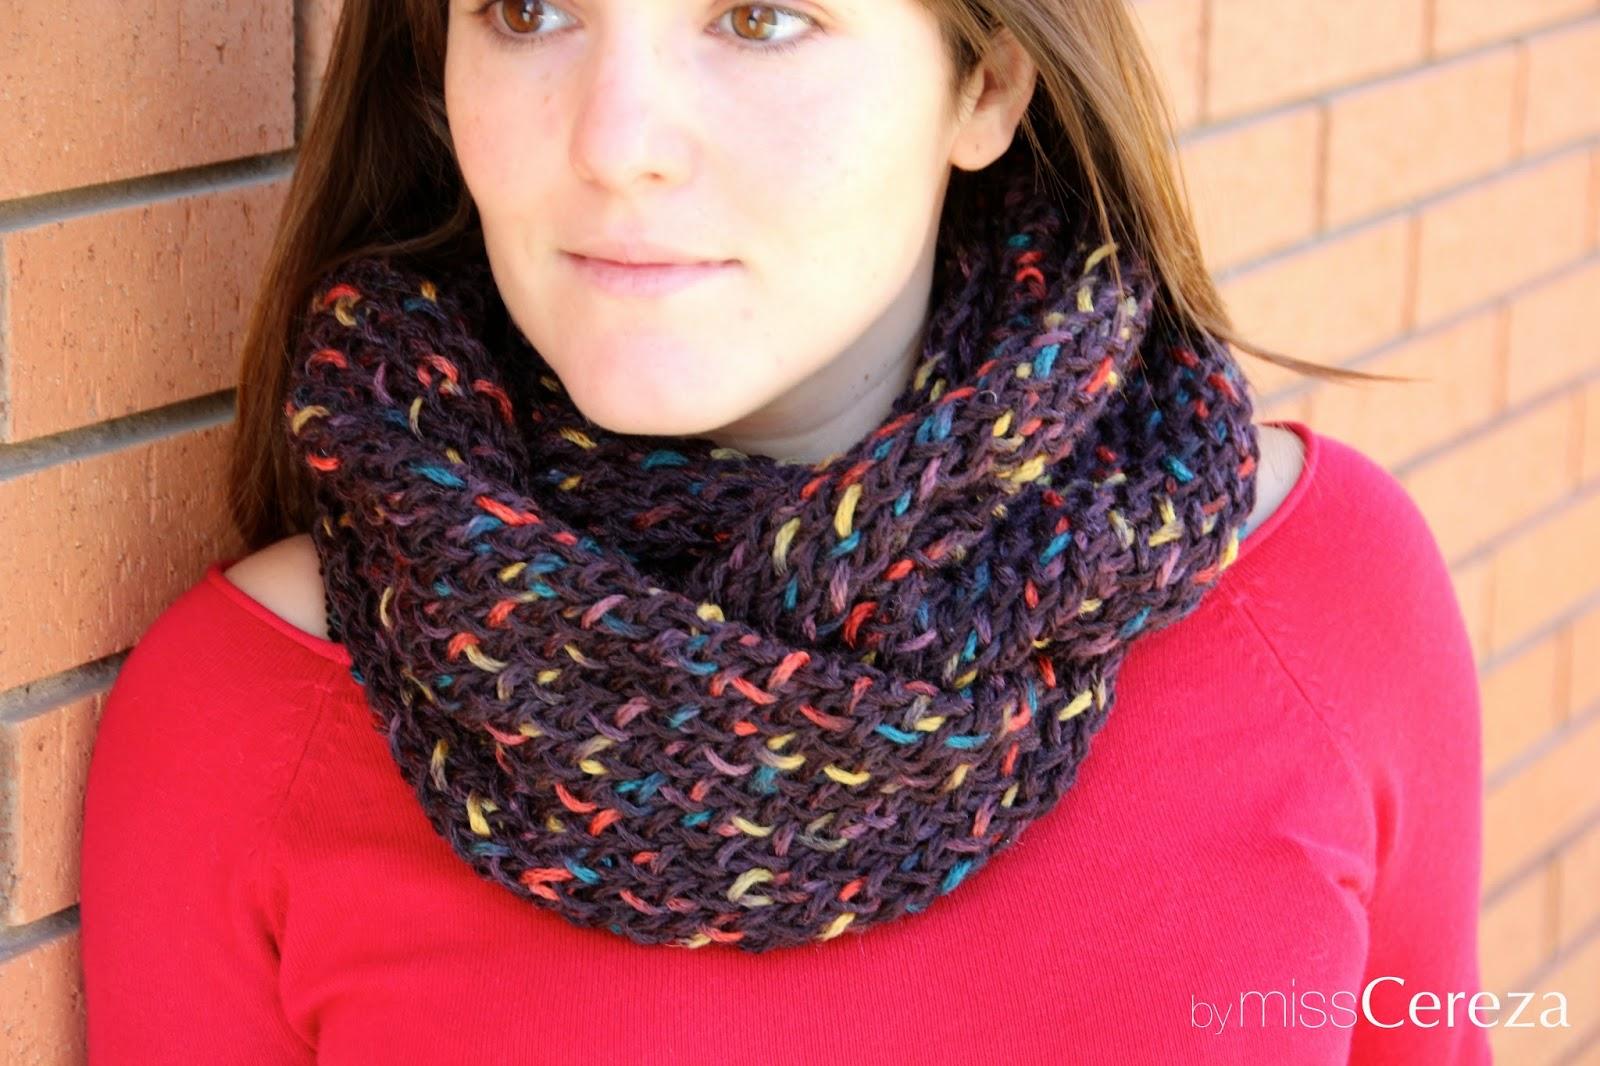 bufanda de doble vuelta de colores